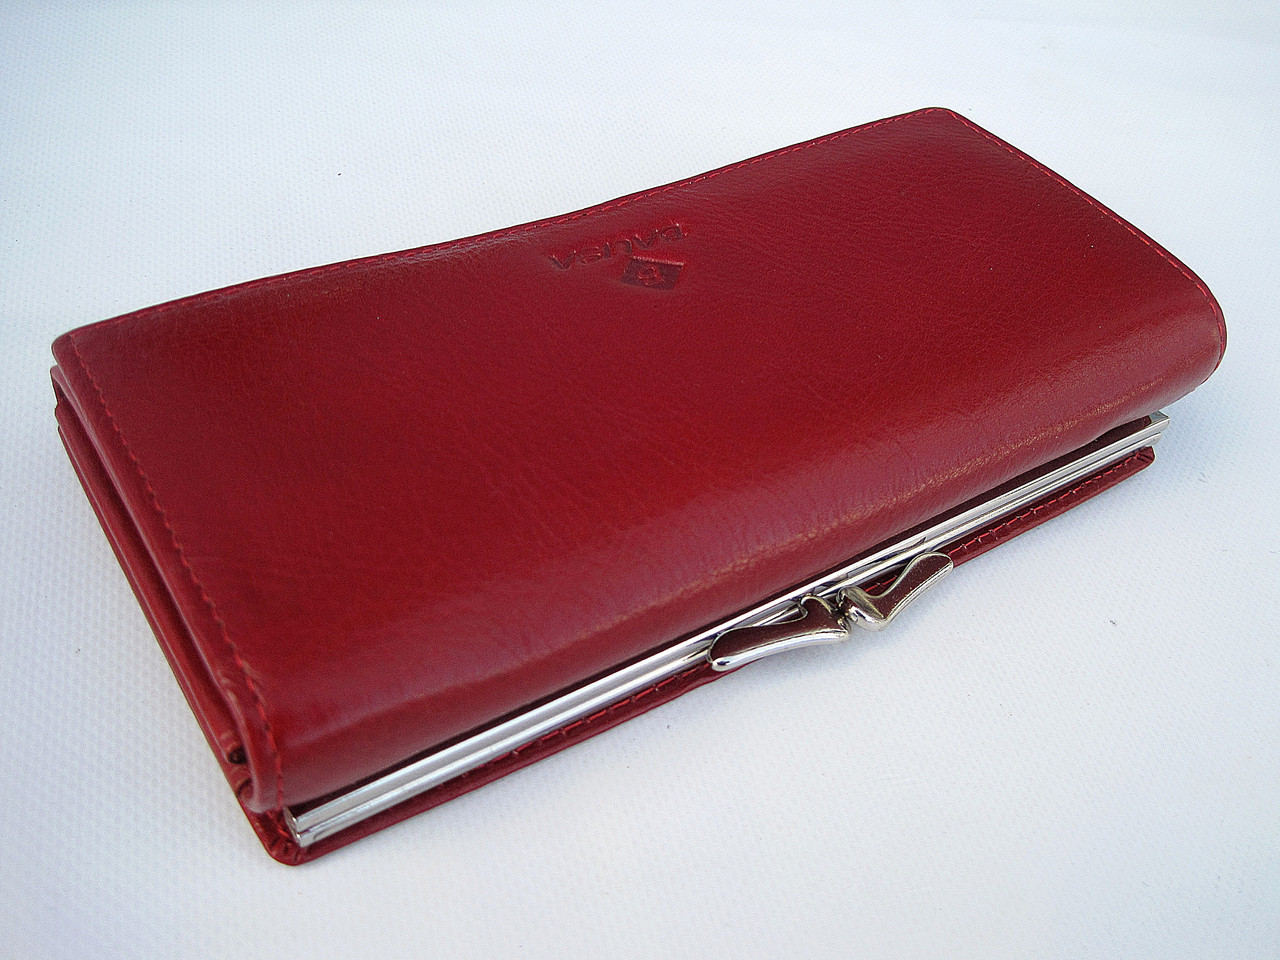 Жіночий шкіряний гаманець Balisa 827-44 червоний Гаманці Balisa оптом зі швидкою доставкою